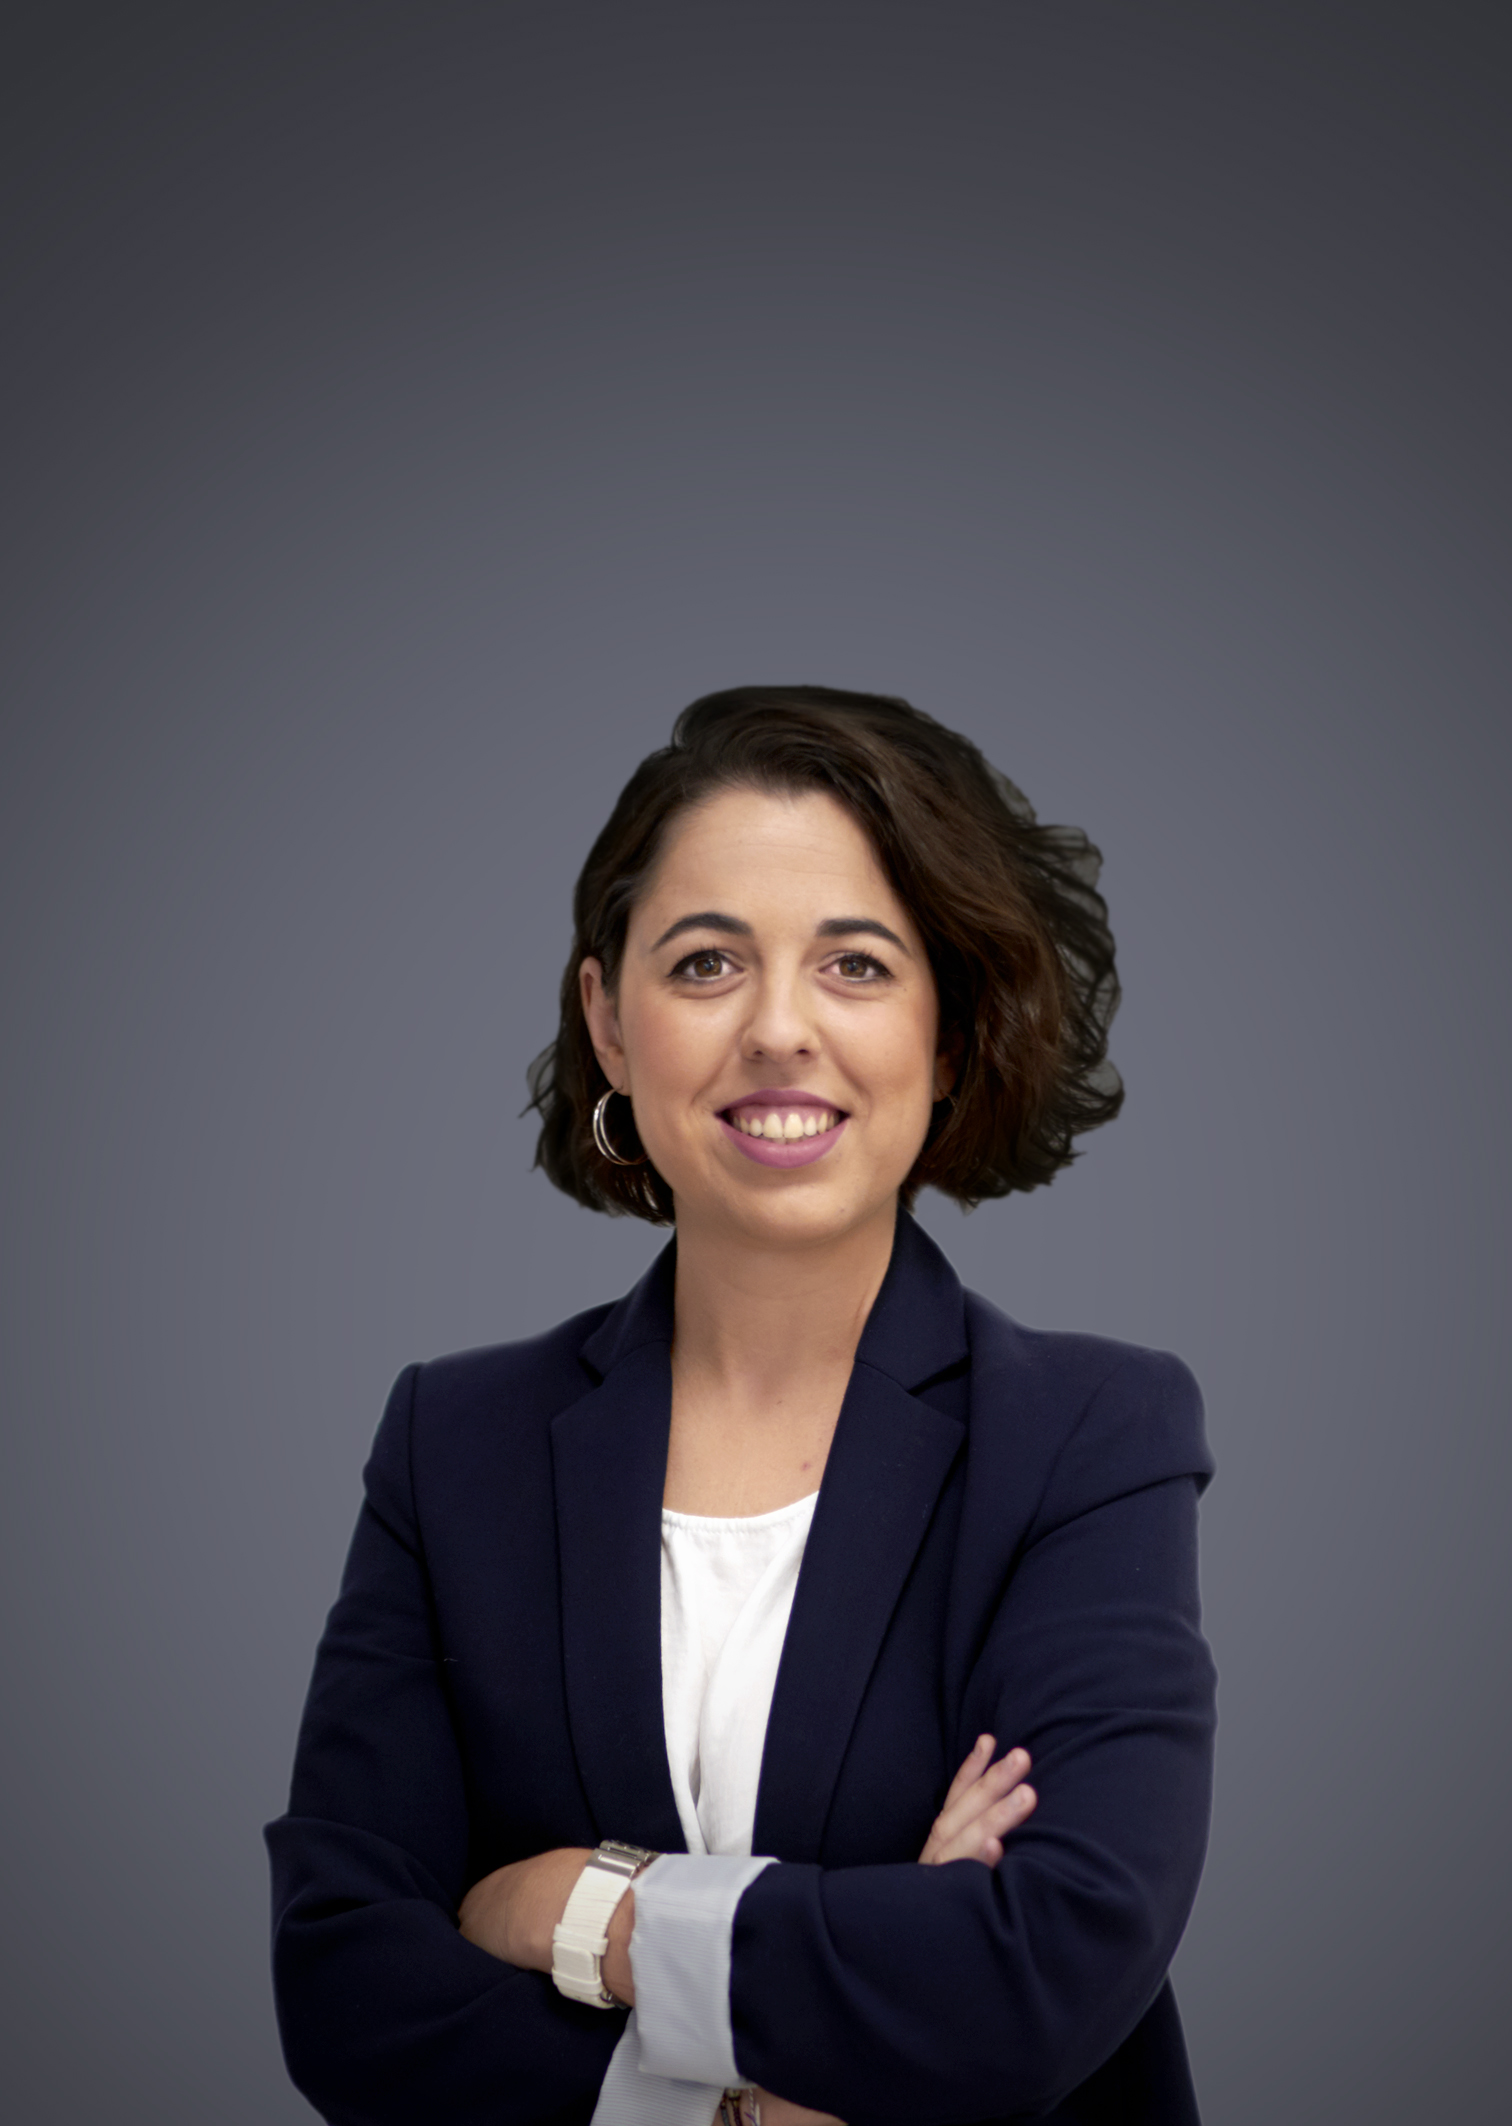 Natalia Sastre Crespo